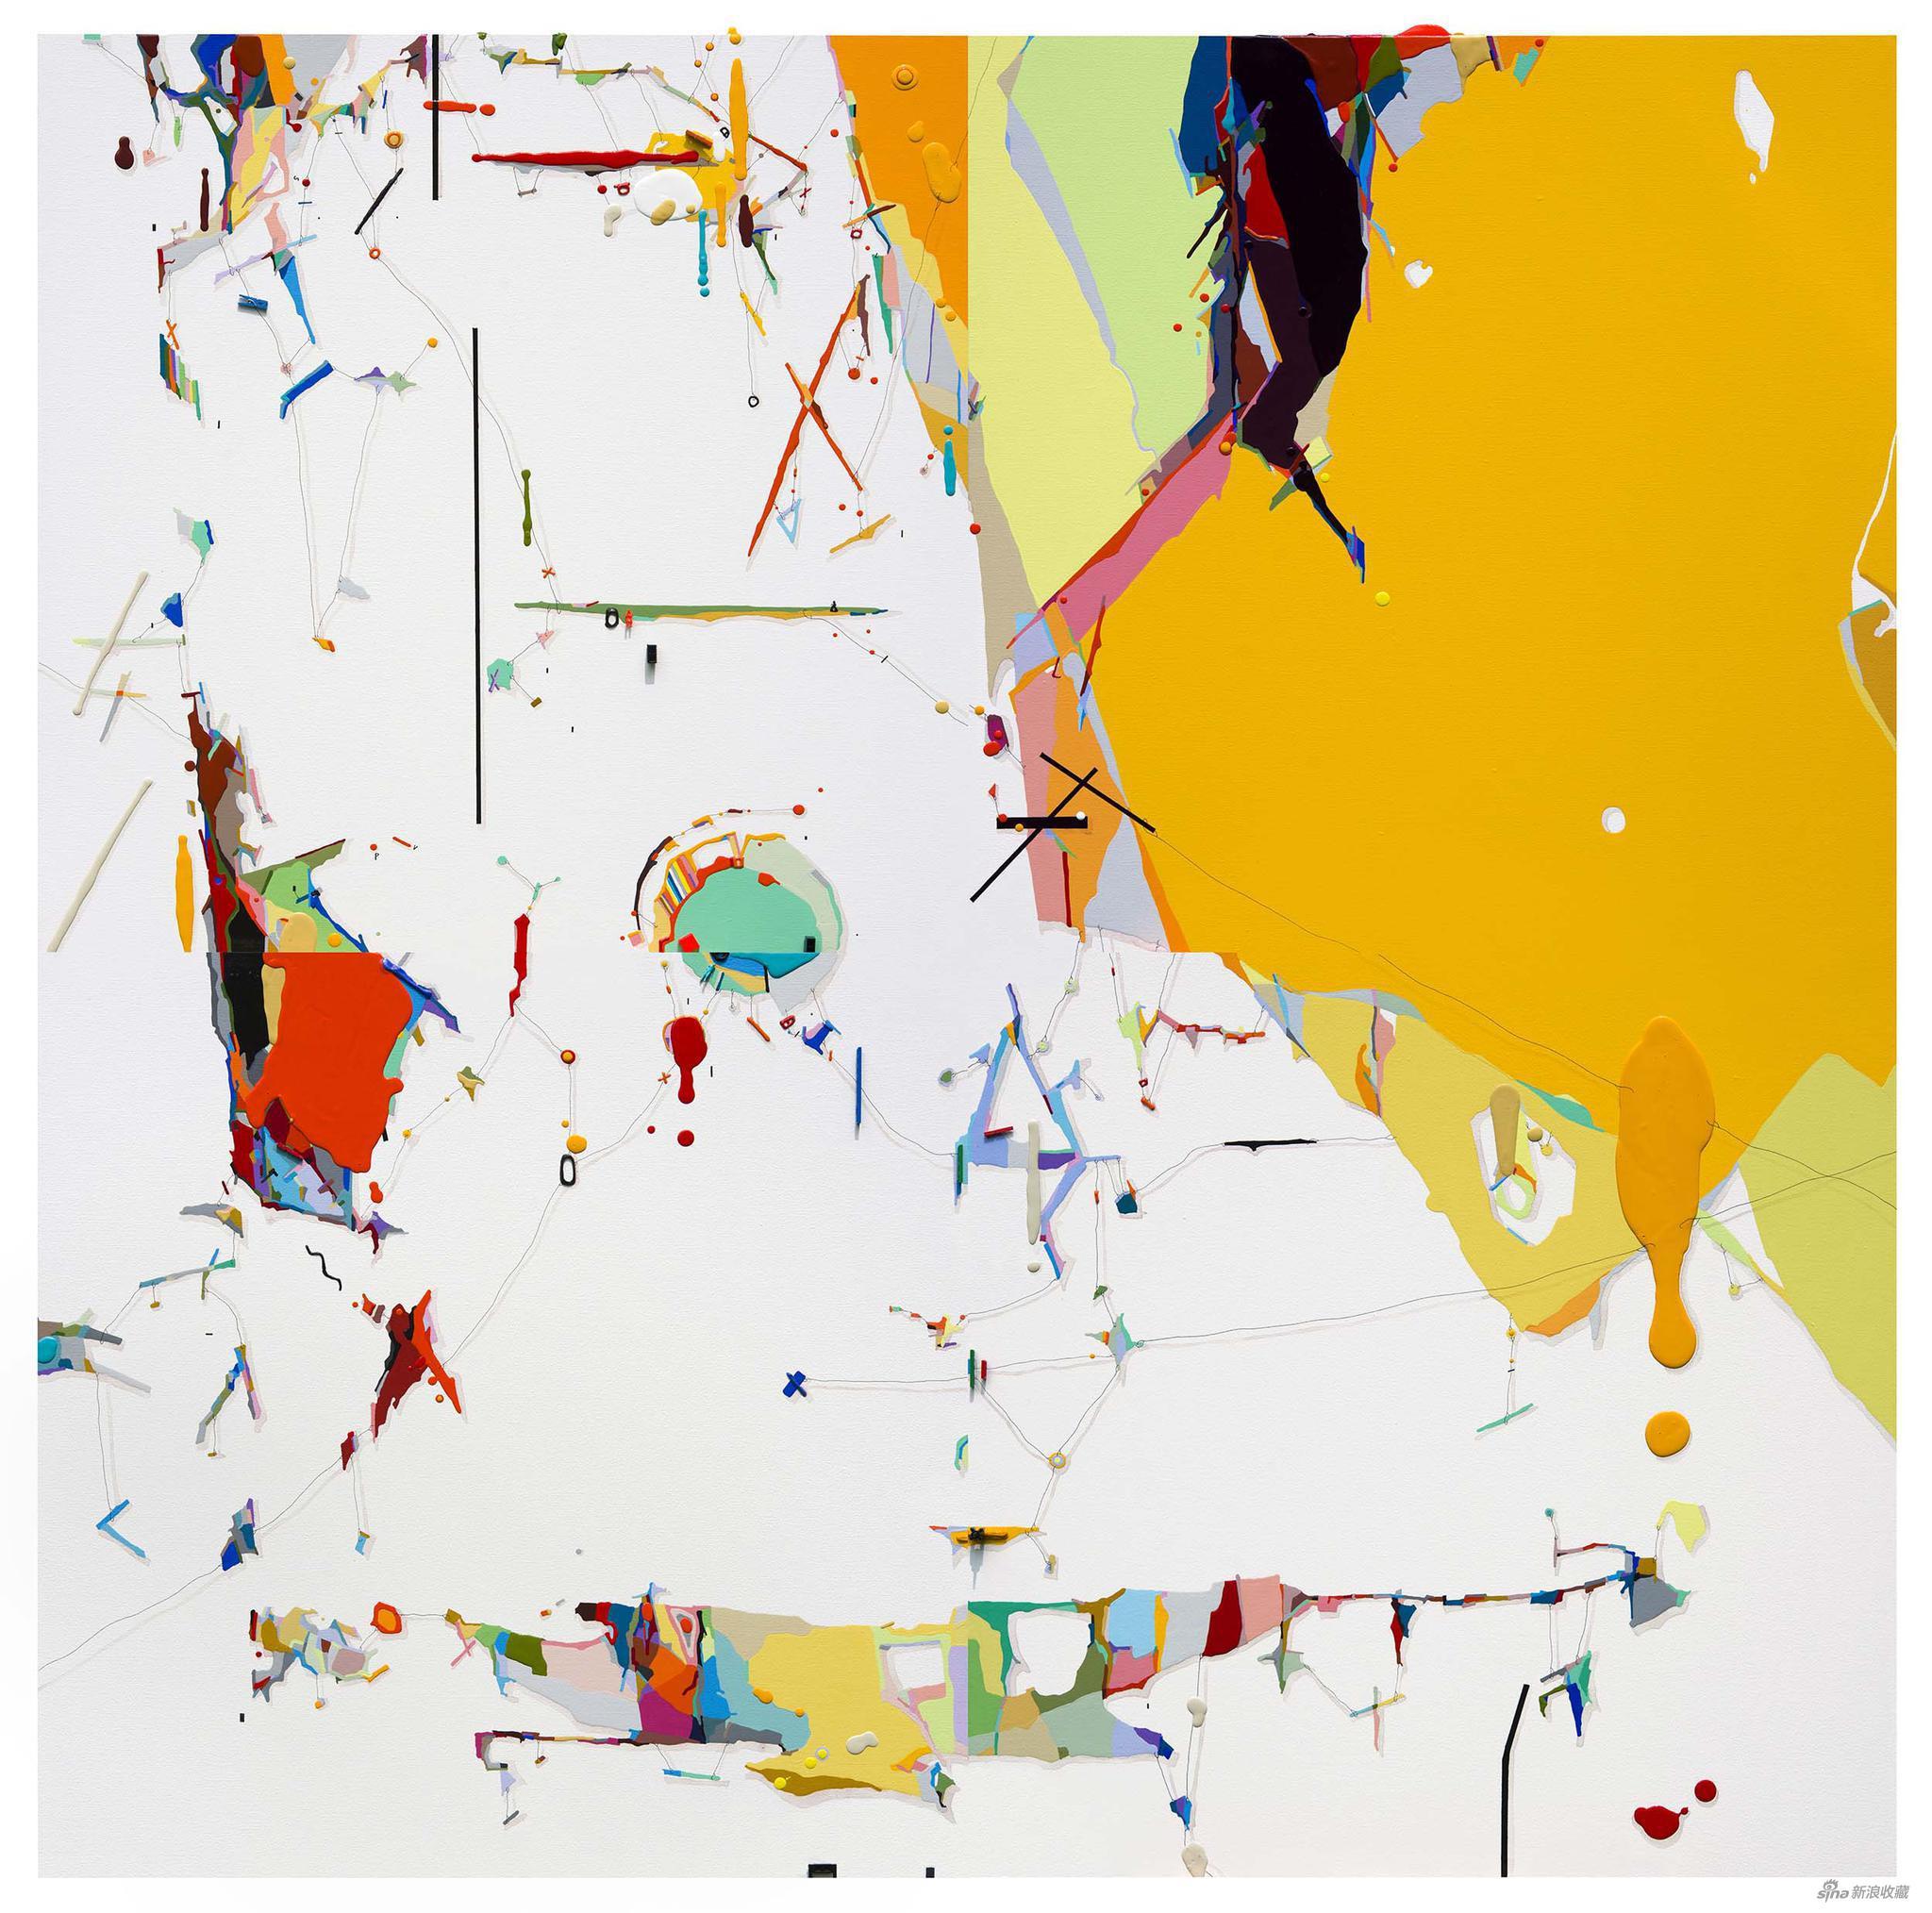 朱佩鸿 《我的空间-绿洲 2015-1》 160×160cm 布面丙烯 2015